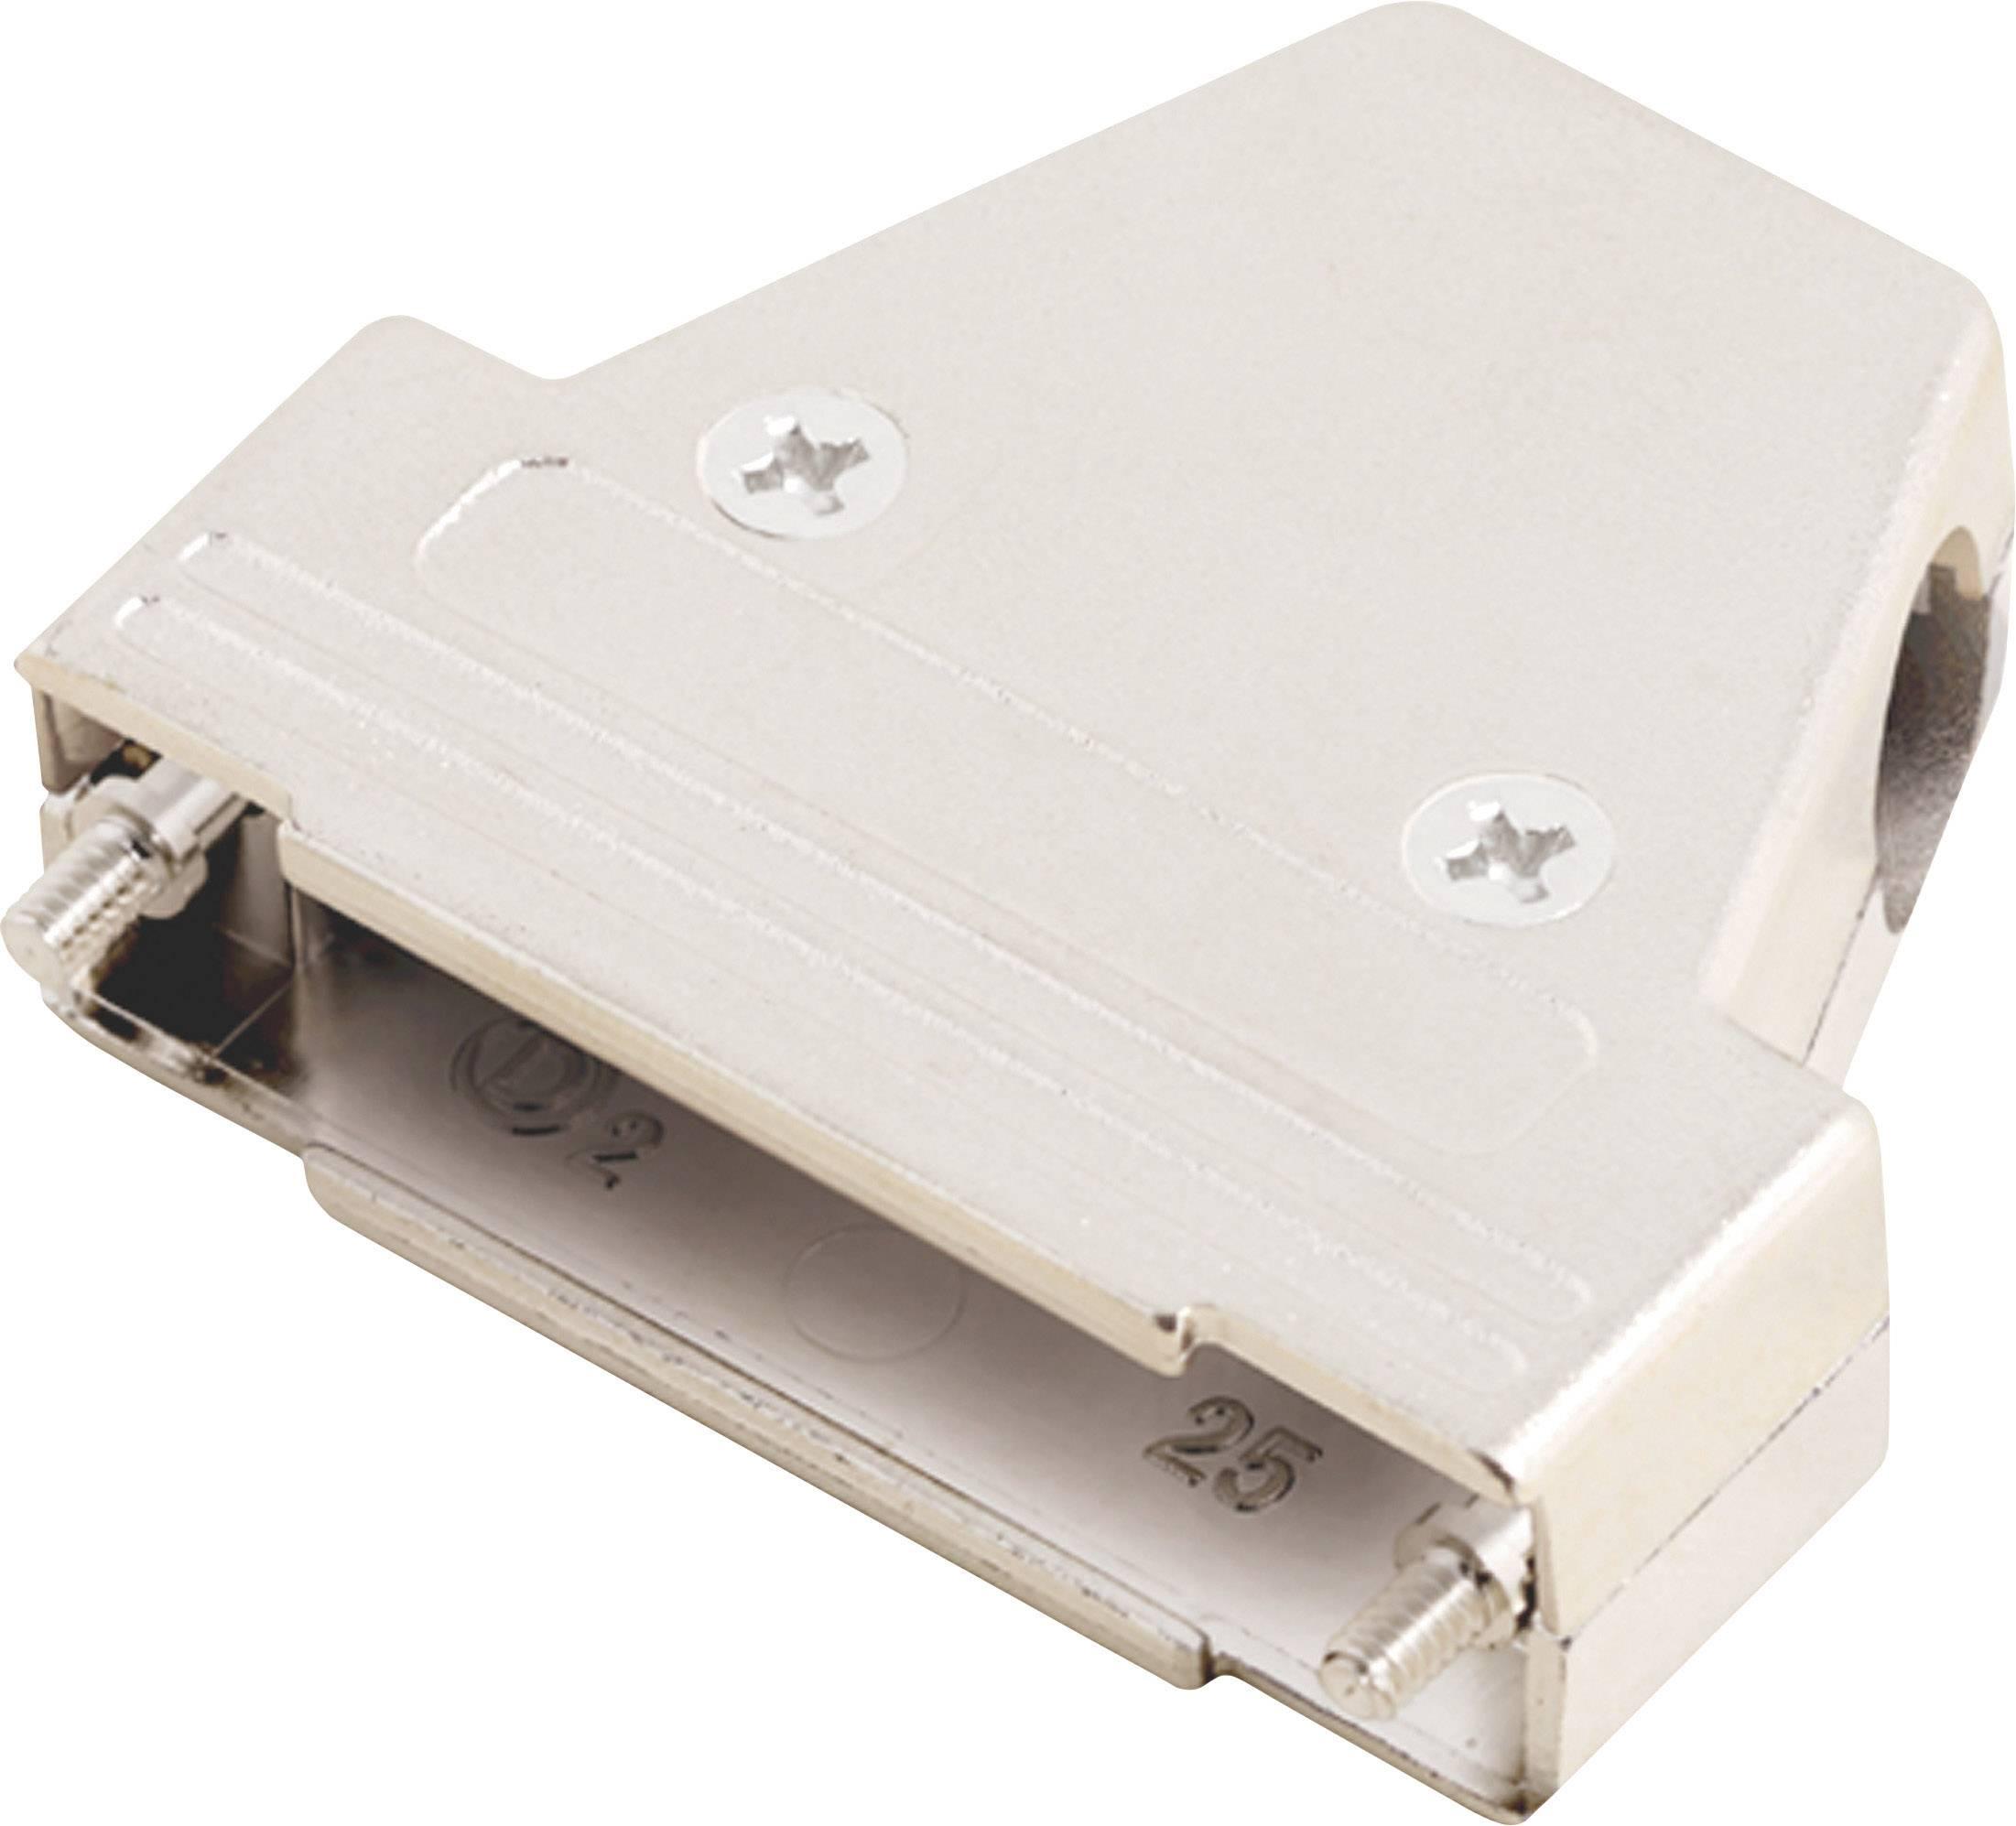 D-SUB púzdro MH Connectors MHTRI-M-25-K 6550-0100-03, počet pinov: 25, plast, pokovaný, 180 °, 45 °, 45 °, strieborná, 1 ks